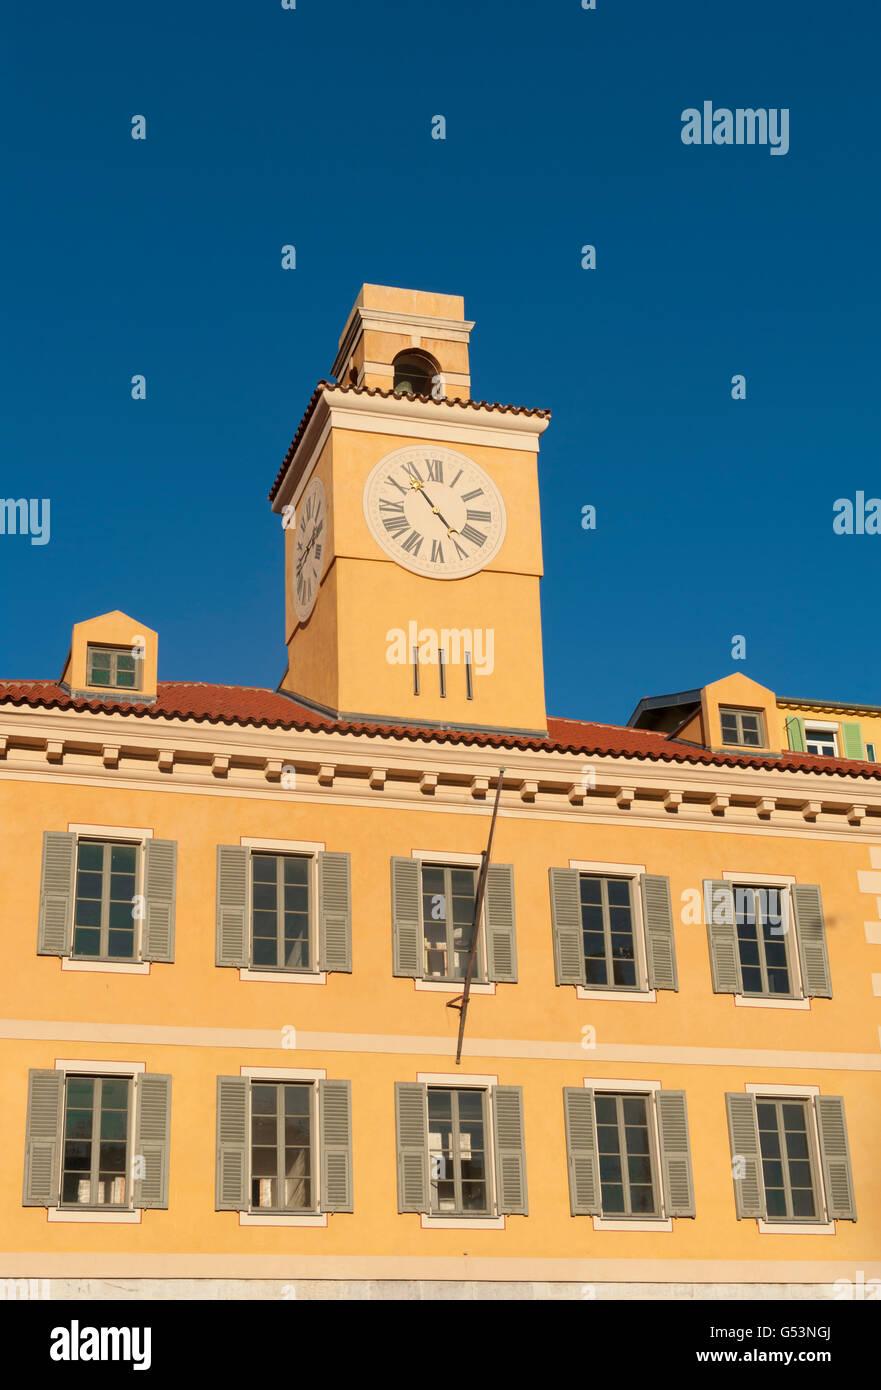 Tour de l'Horloge of the Palais de Justice at Rue Fodéré, Nice, Provence-Alpes-Côte d'Azur; France Stock Photo